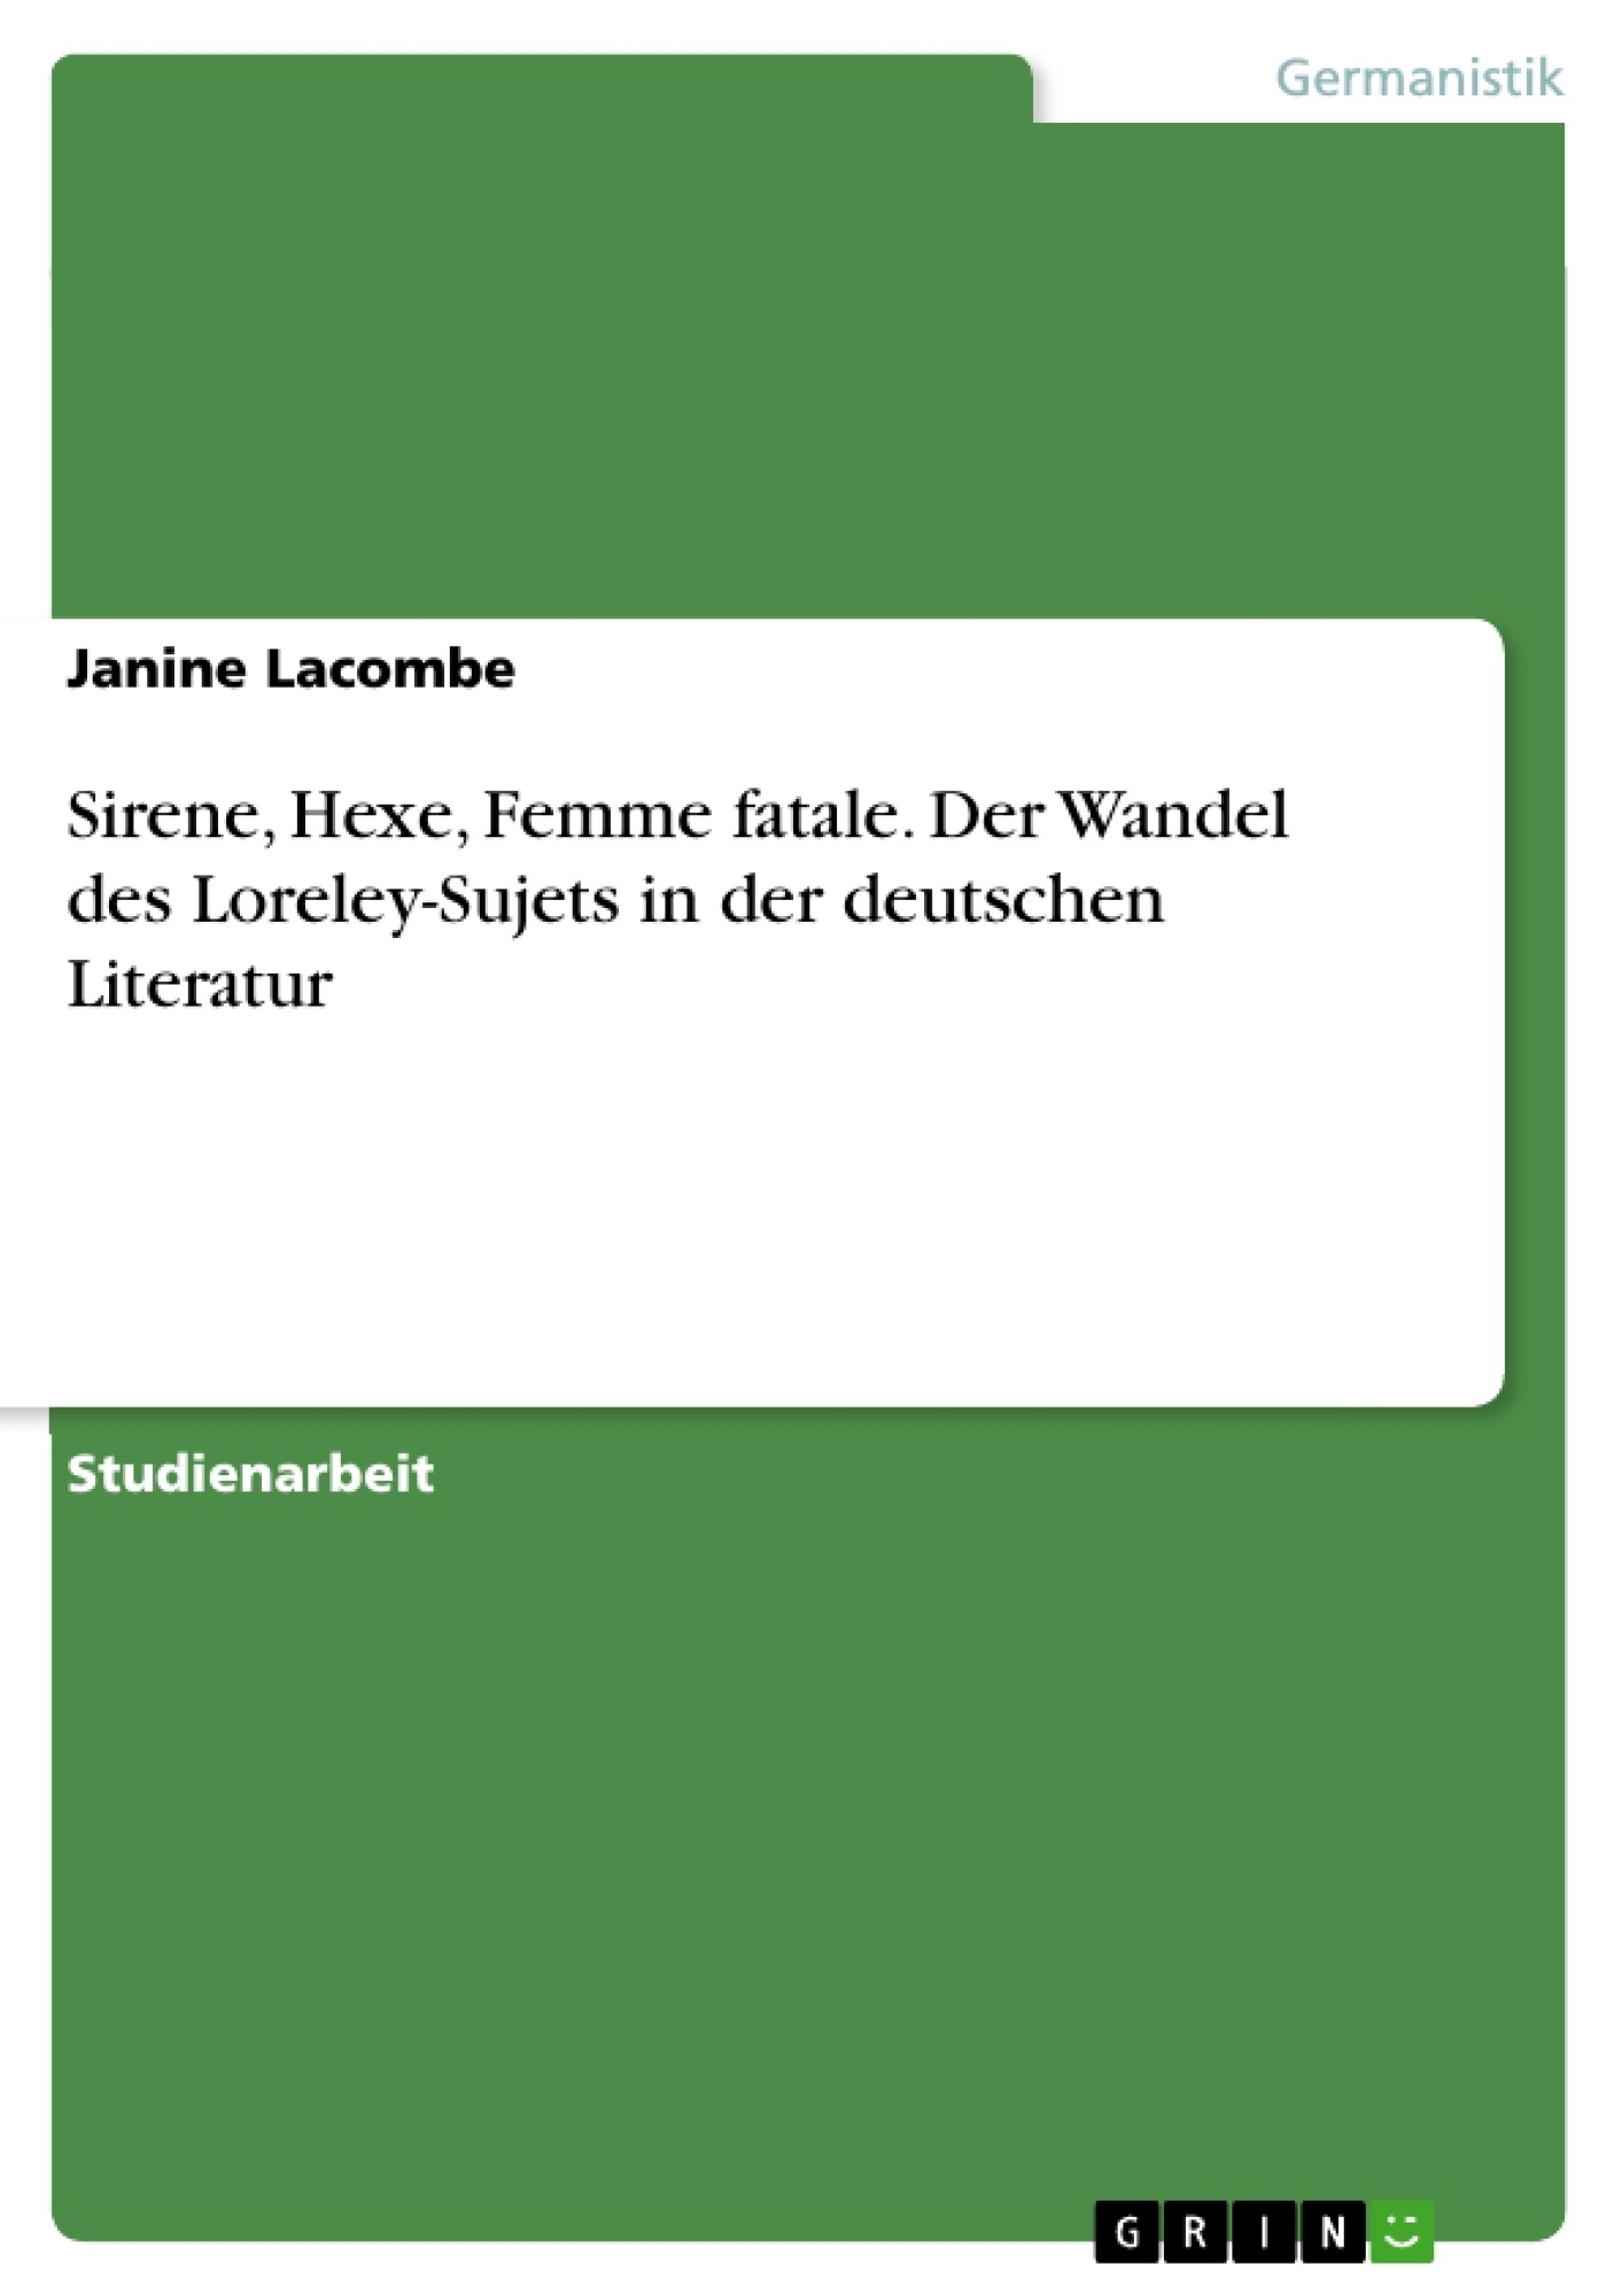 Titel: Sirene, Hexe, Femme fatale. Der Wandel des Loreley-Sujets in der deutschen Literatur